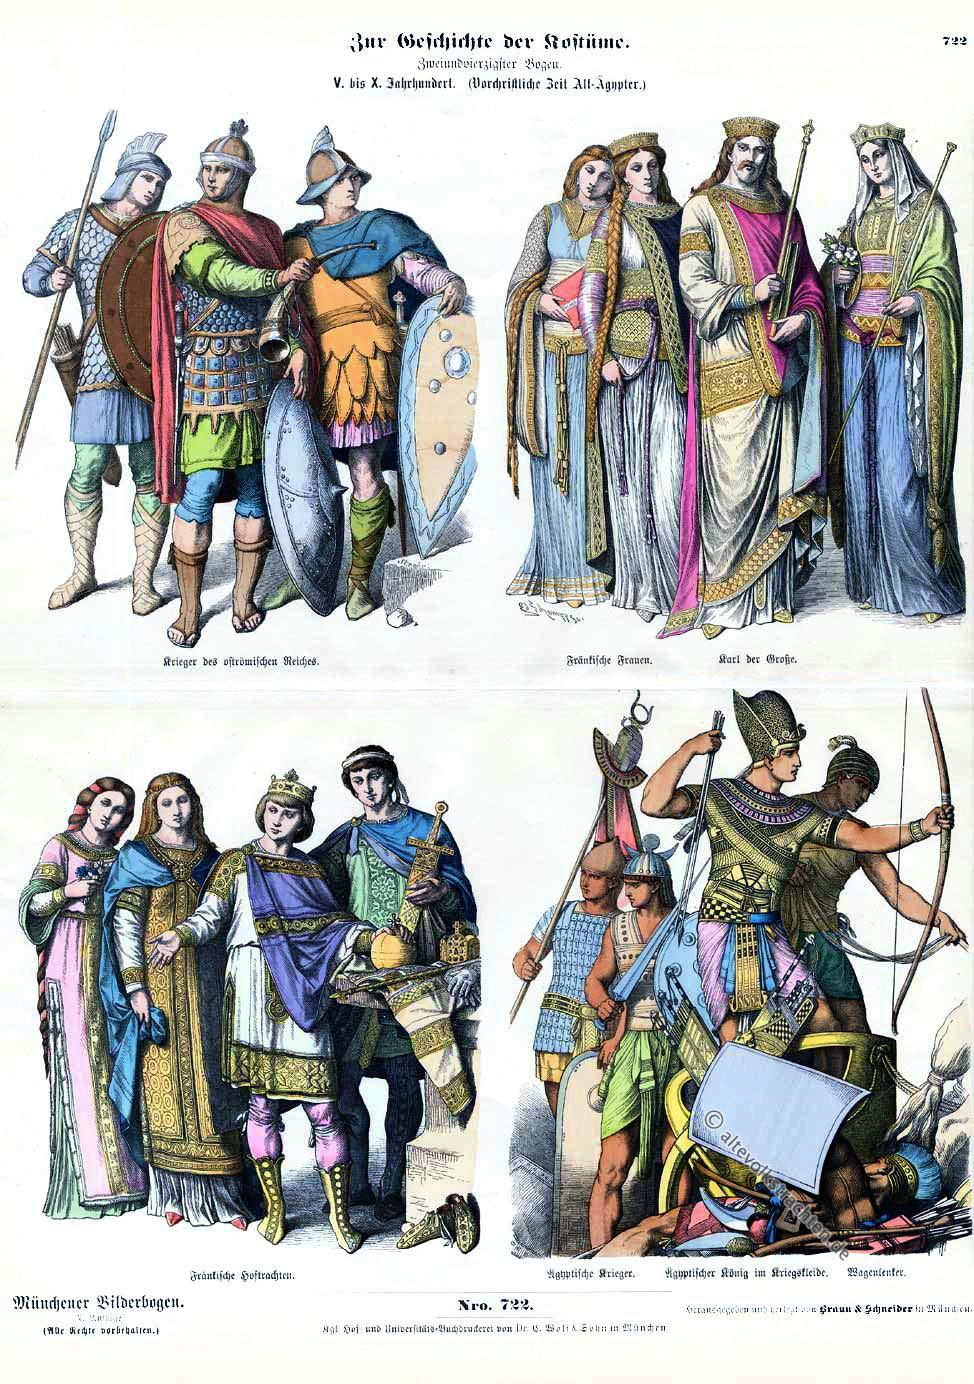 Fränkische Krieger, Soldaten, oströmisches Reich, Karl der Große, Fränkische Hoftrachten, Ägyptischer König, Wagenlenker